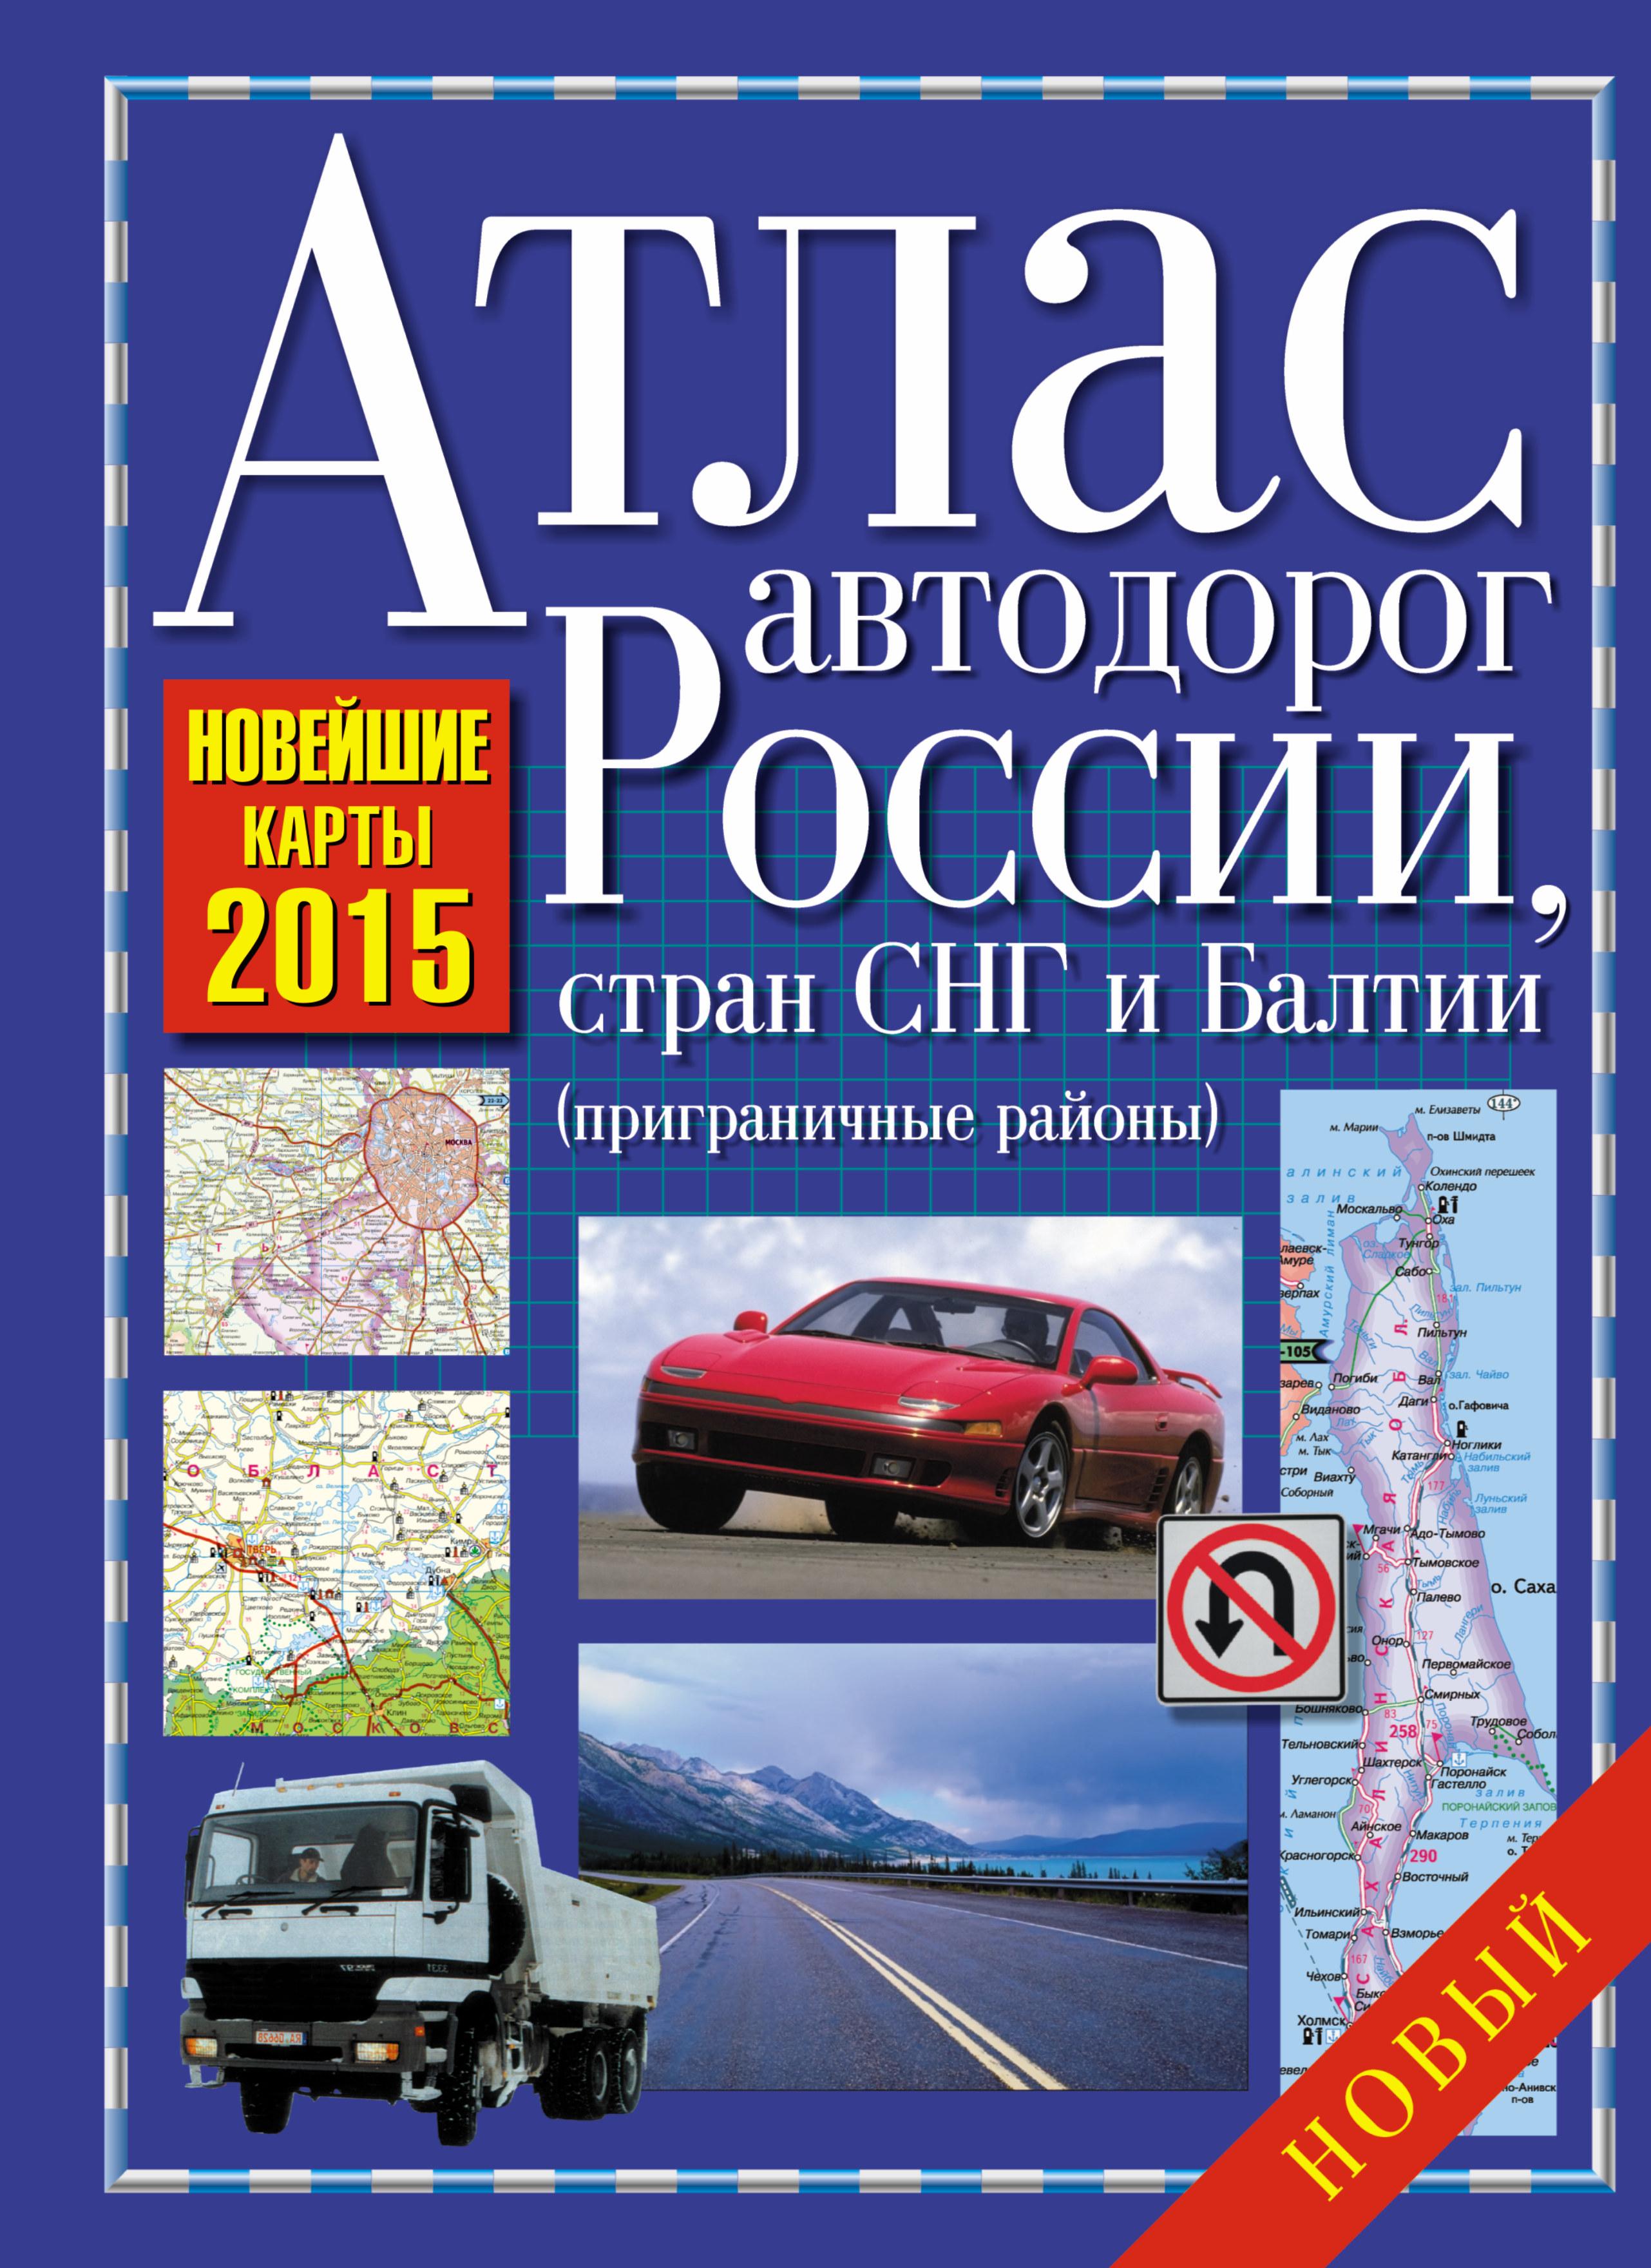 Атлас автодорог России, стран СНГ и Балтии 2015 (приграничные районы)